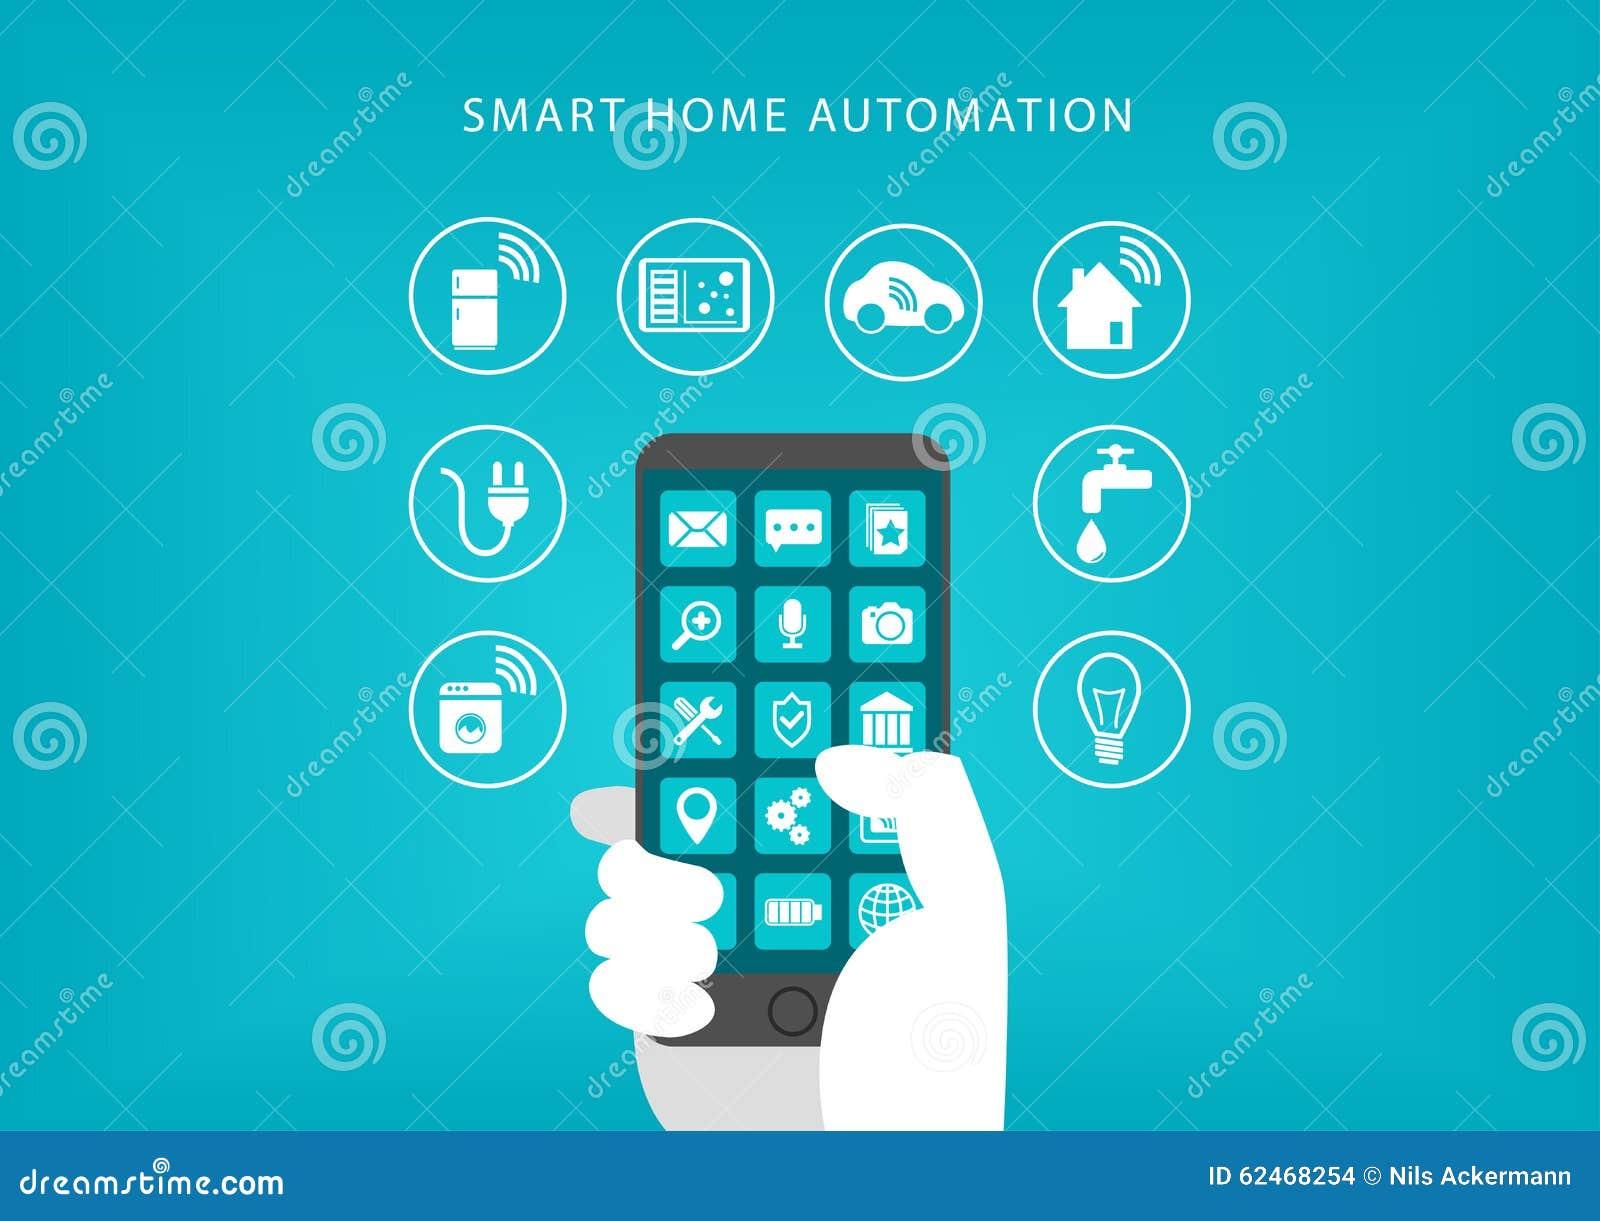 smart refrigerator concept stock image 70487617. Black Bedroom Furniture Sets. Home Design Ideas